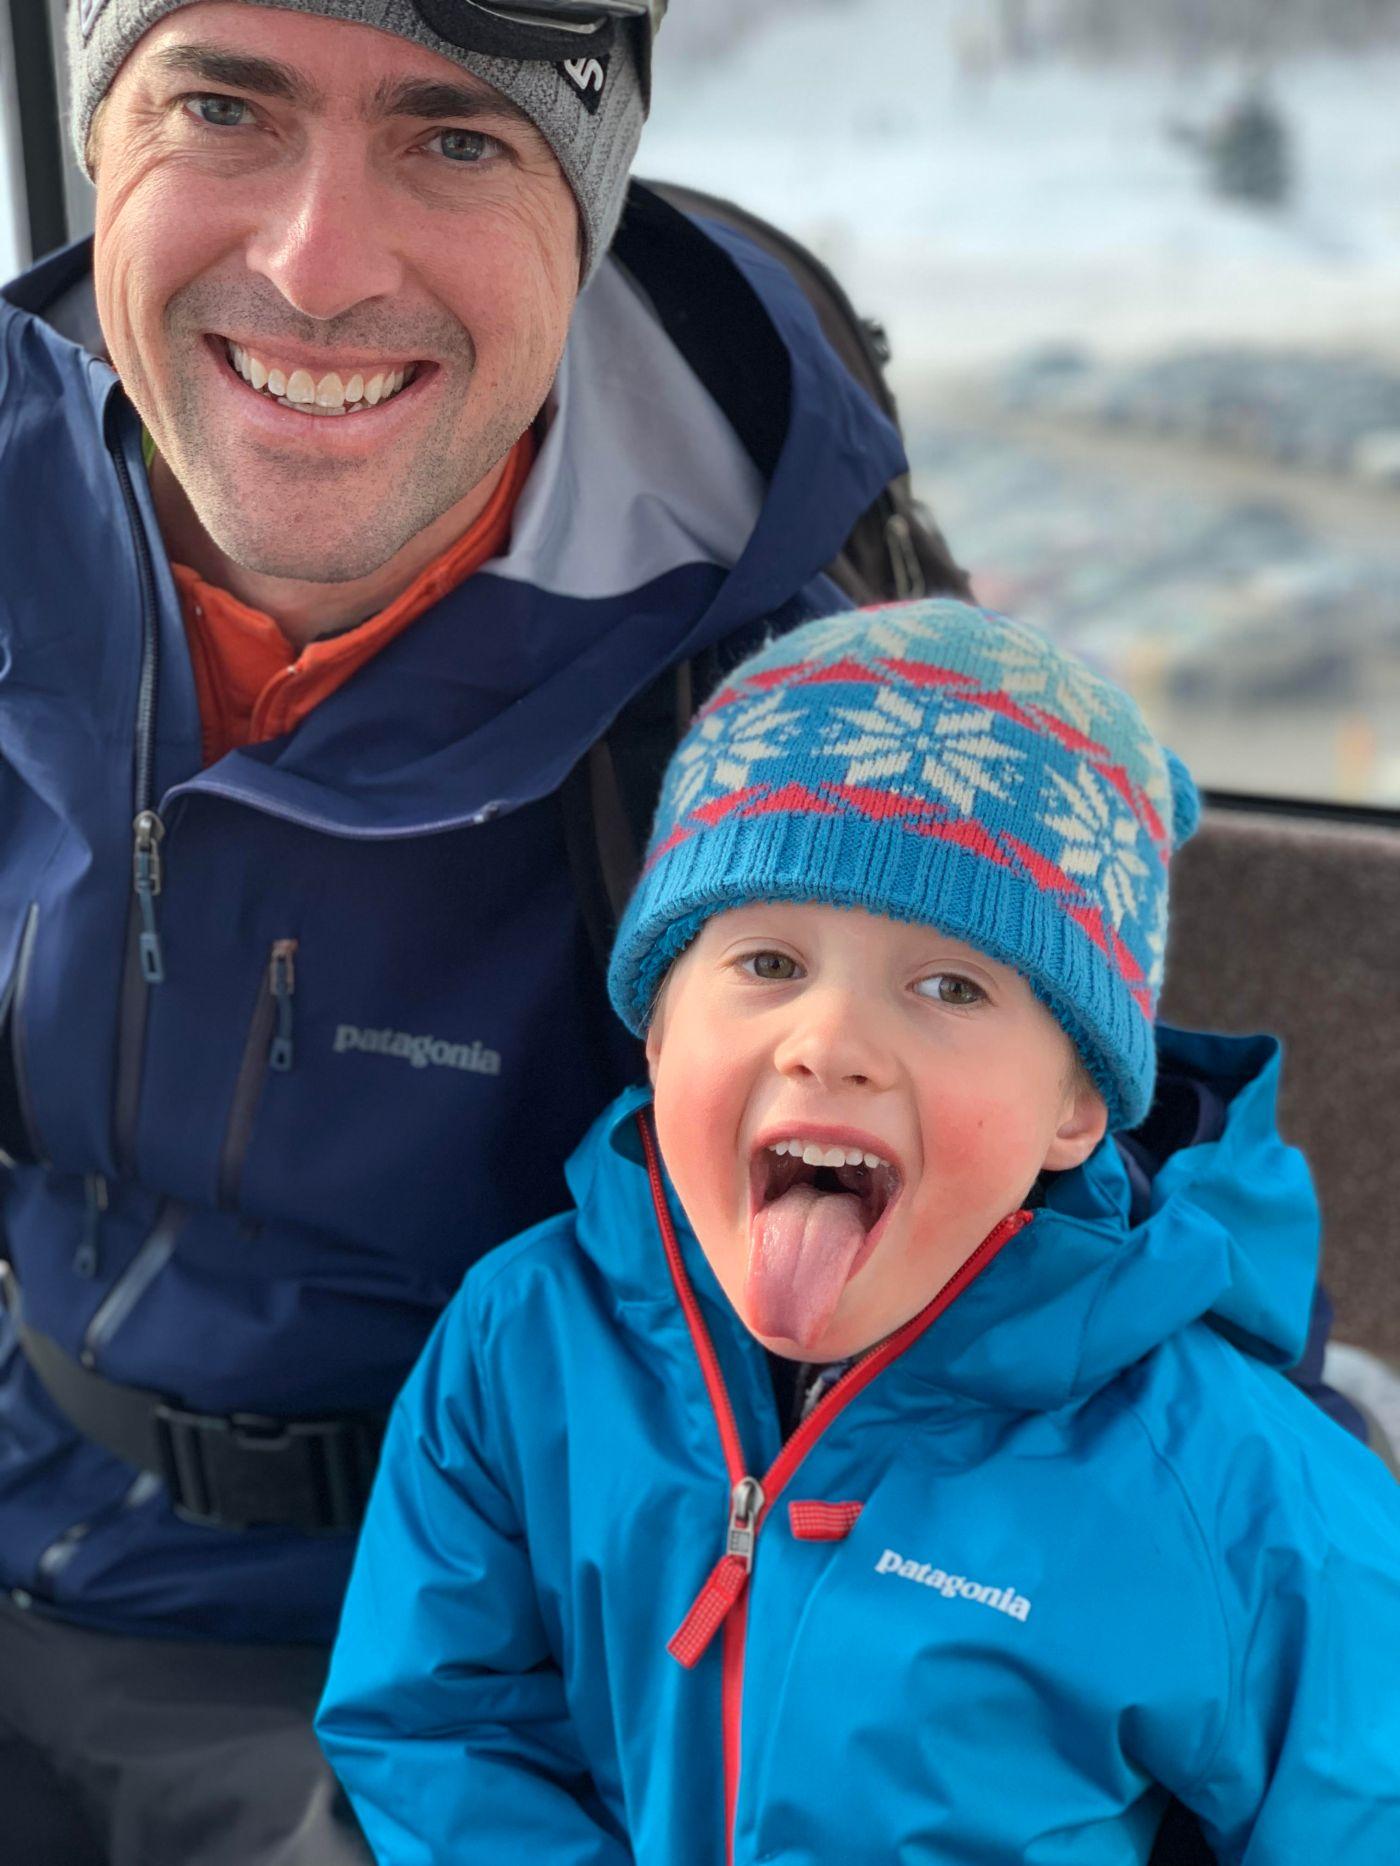 Family skiing 3